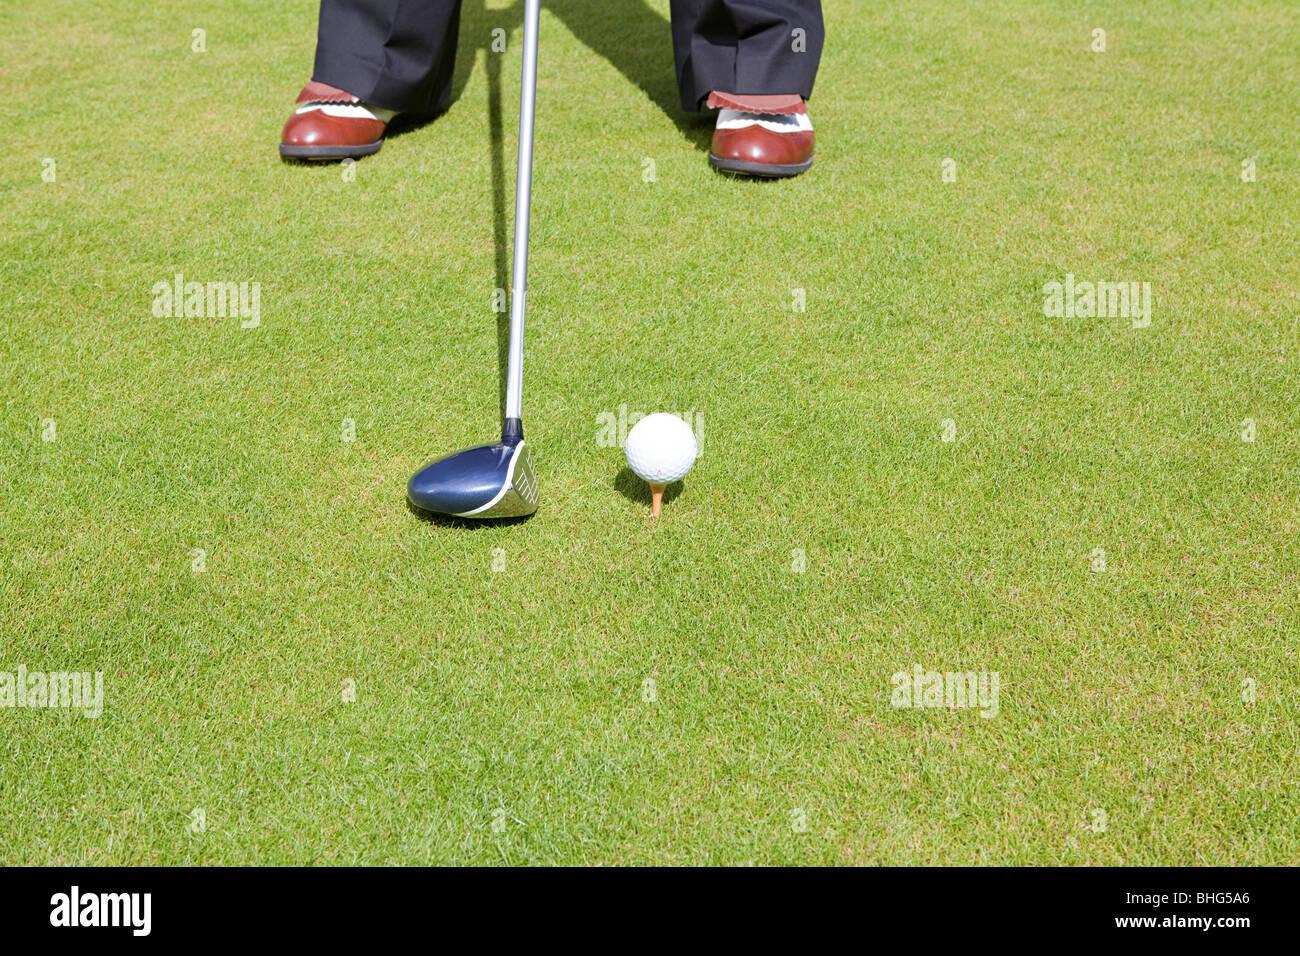 Immagine ritagliata di un giocatore di golf Immagini Stock